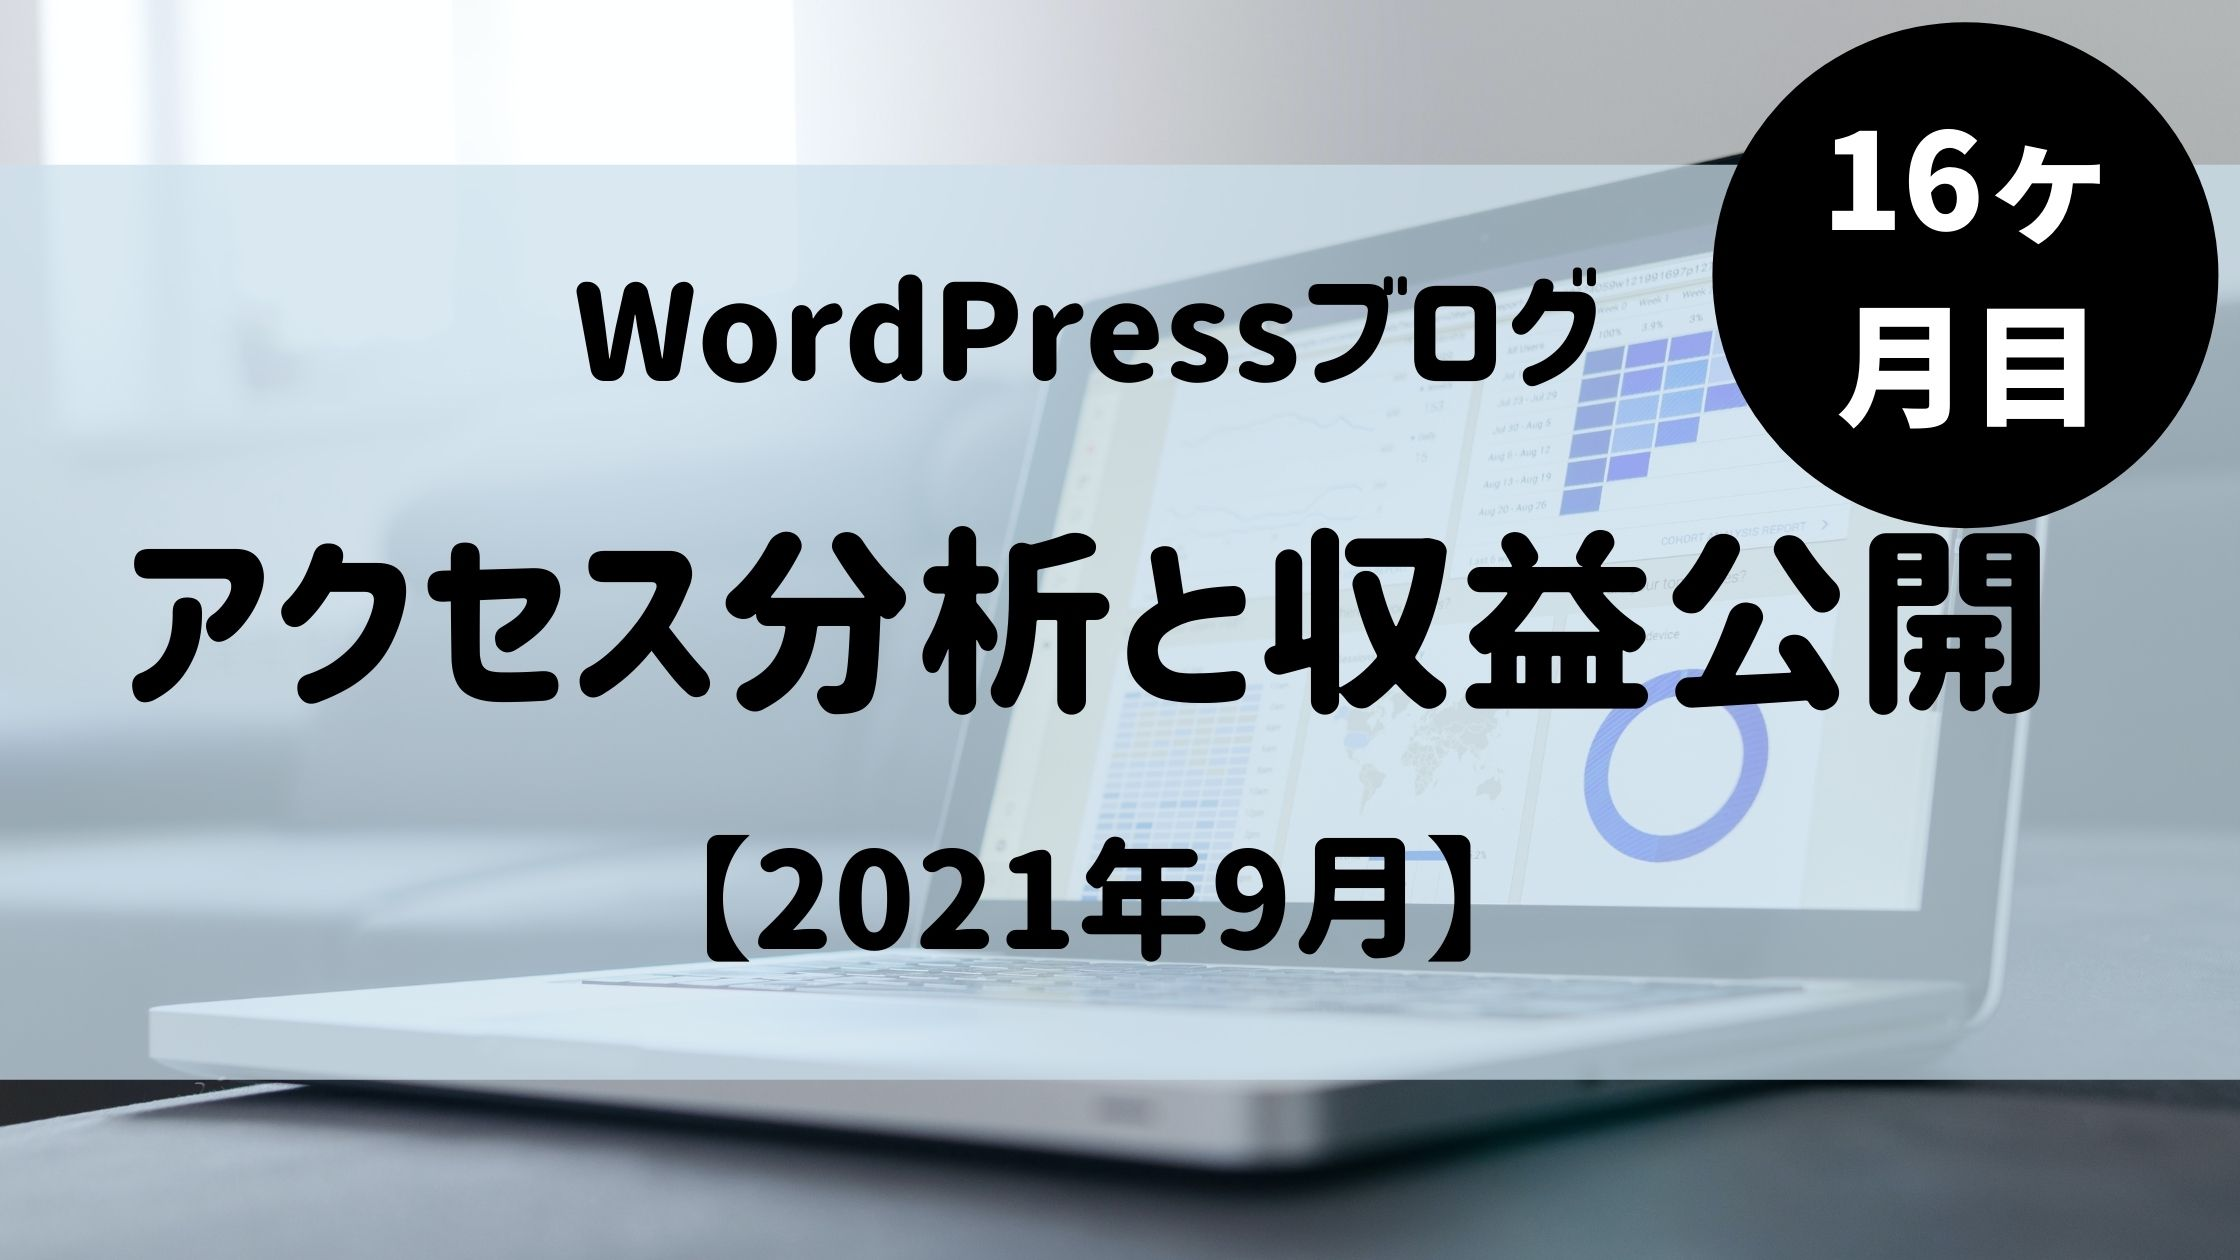 アナリティクス,WordPress,AdSense,アフィリエイト